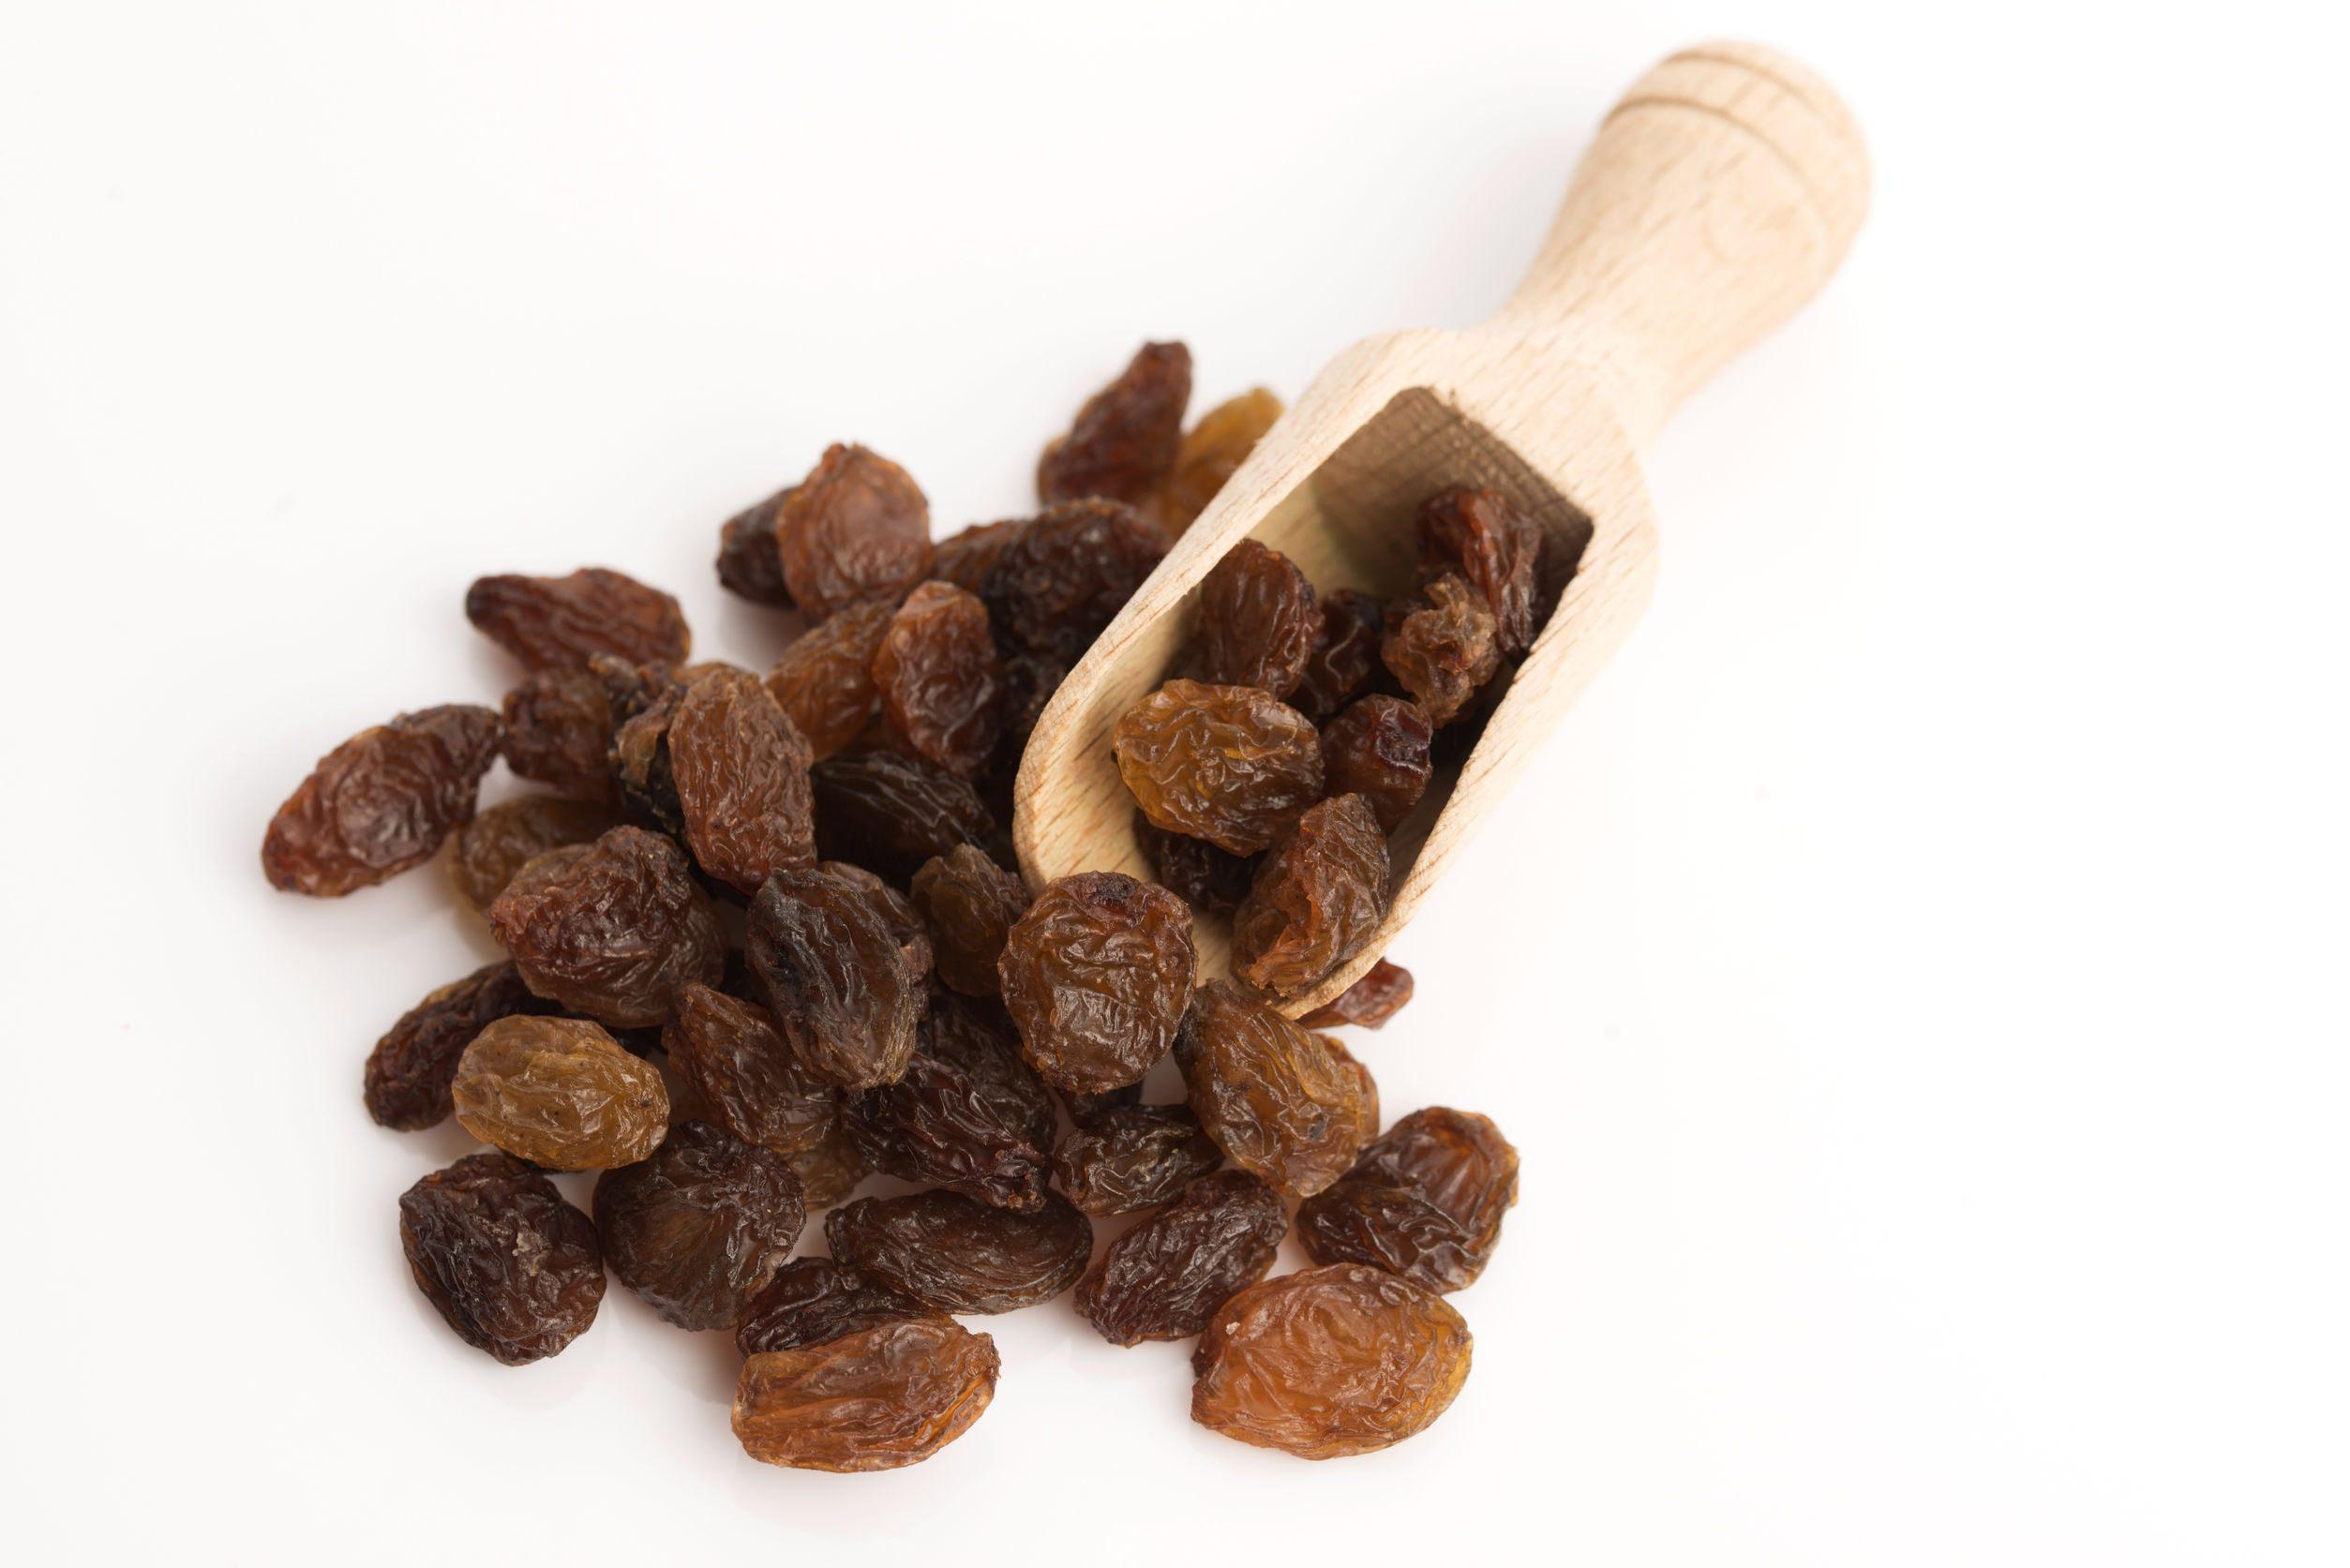 Raisins-11